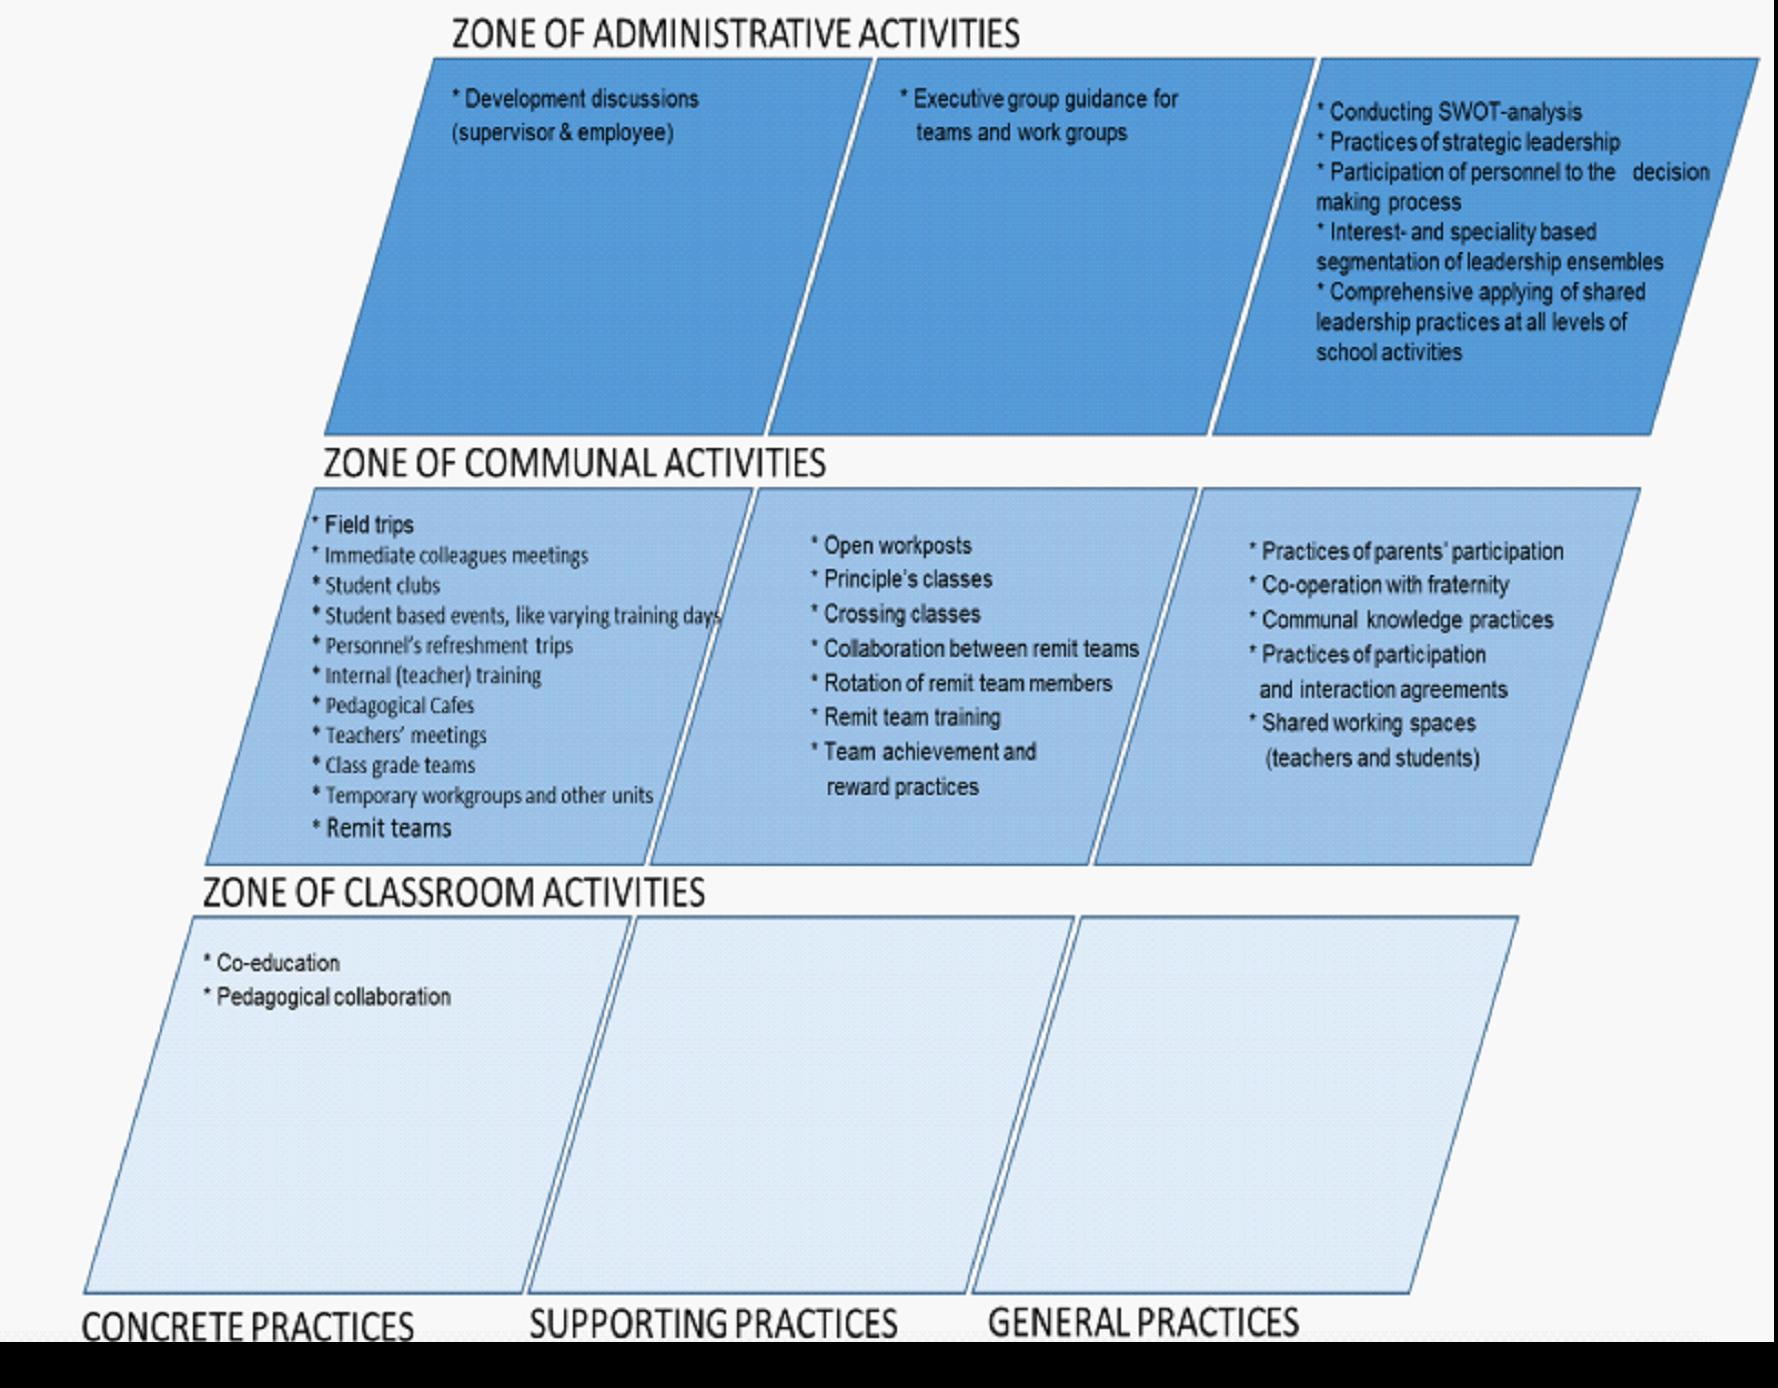 Zones of school activities and types of practices